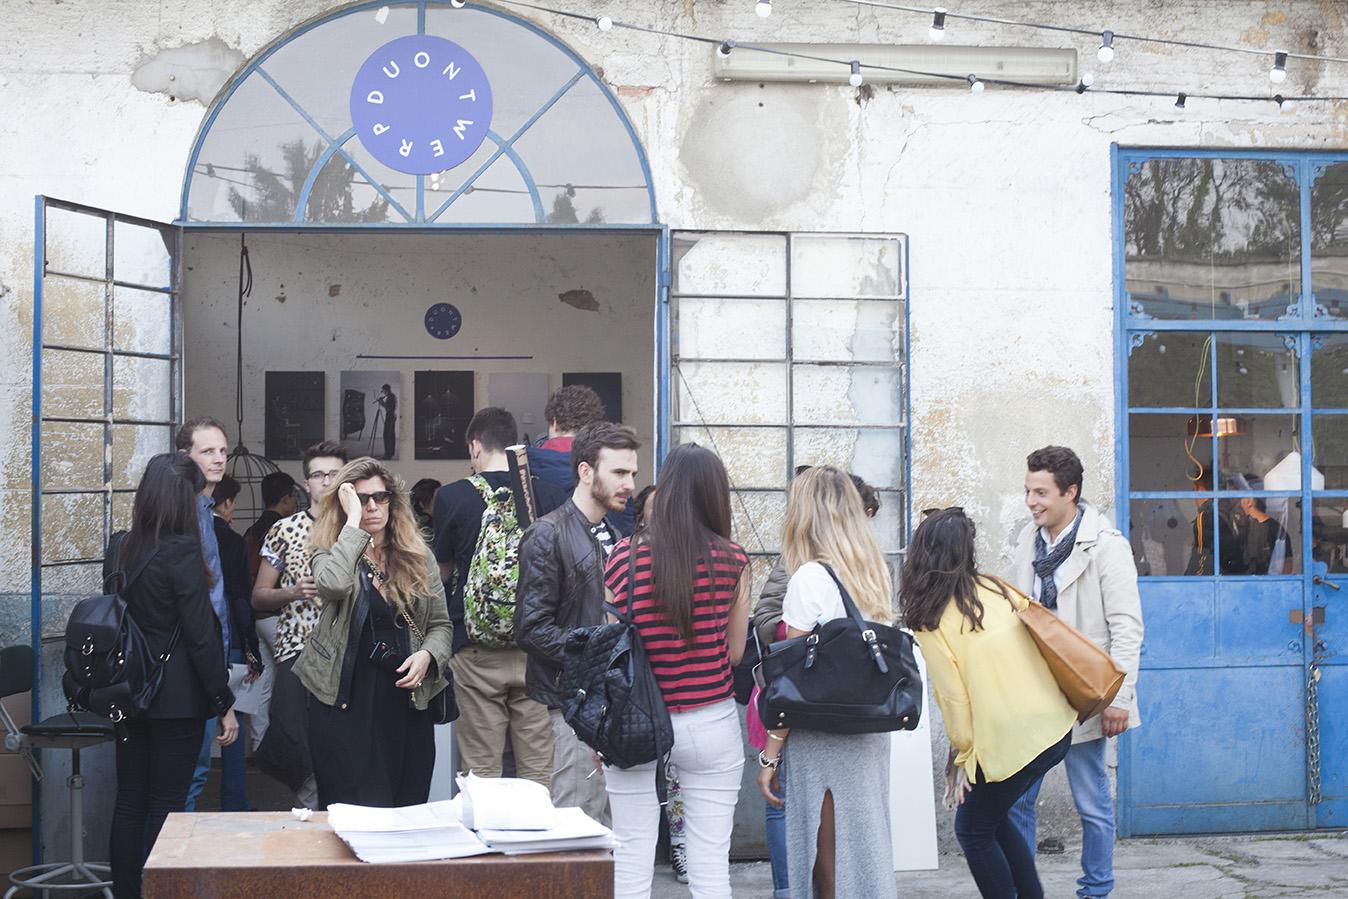 Exhibition: Salone del mobile 2014